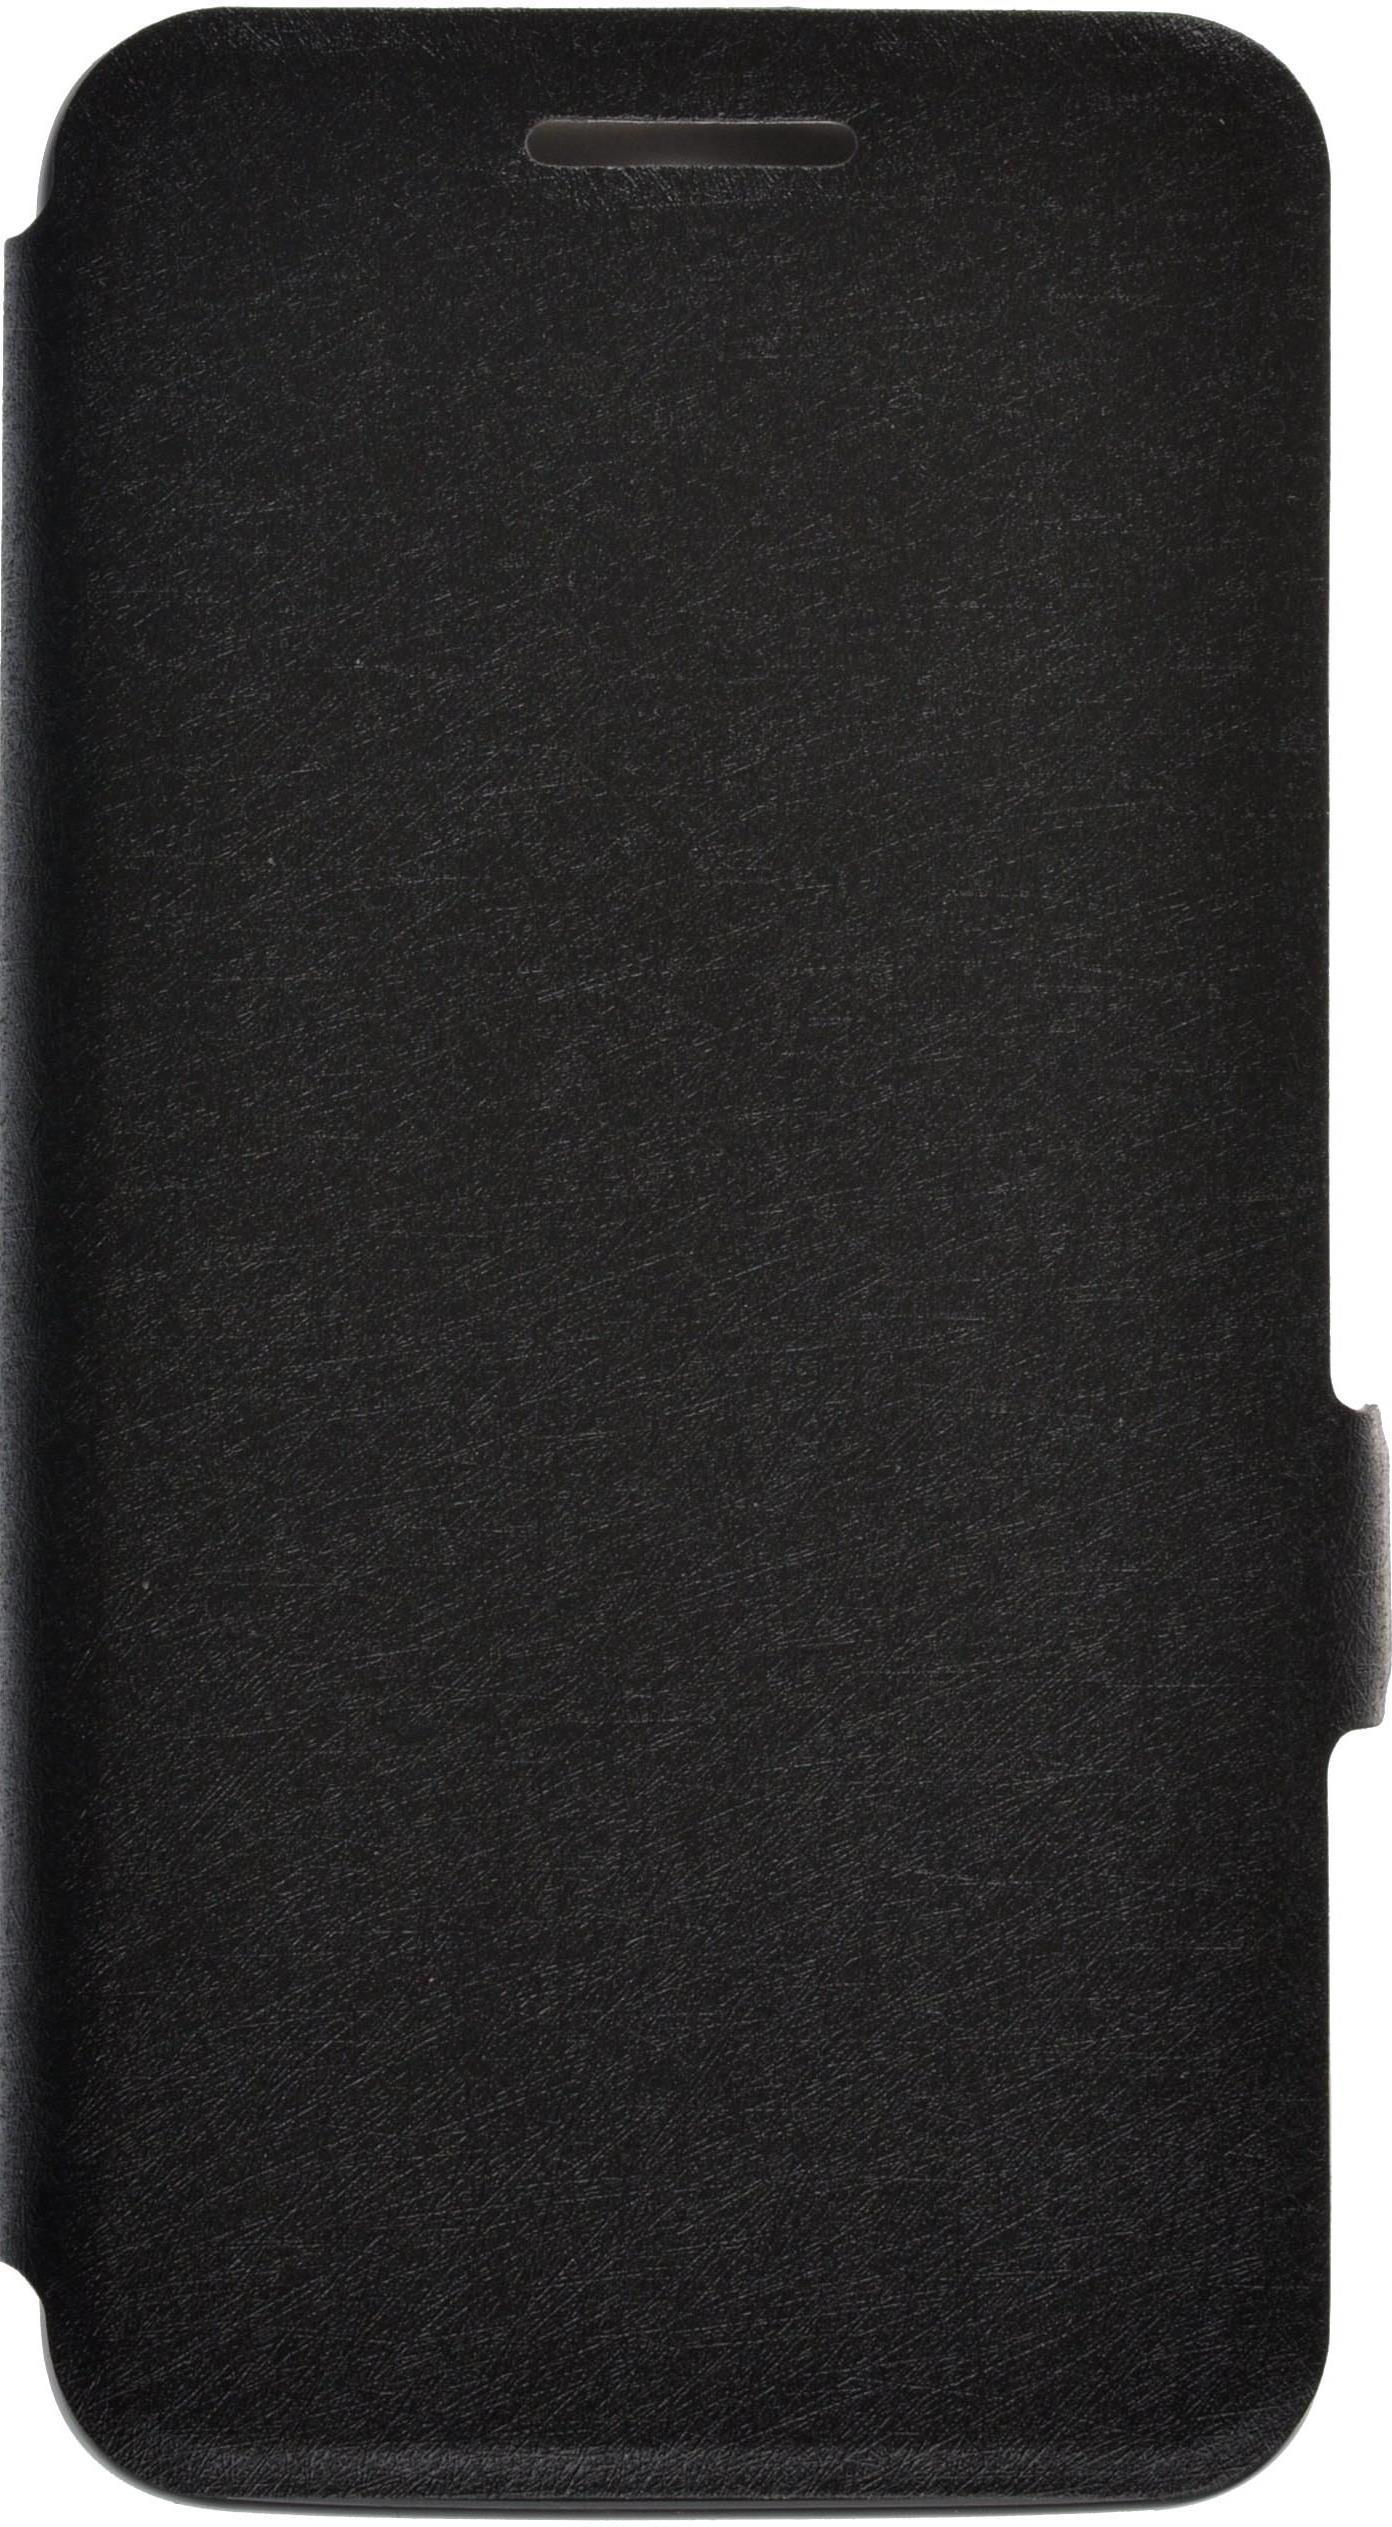 Чехол для сотового телефона PRIME Book, 4630042527577, черный недорого